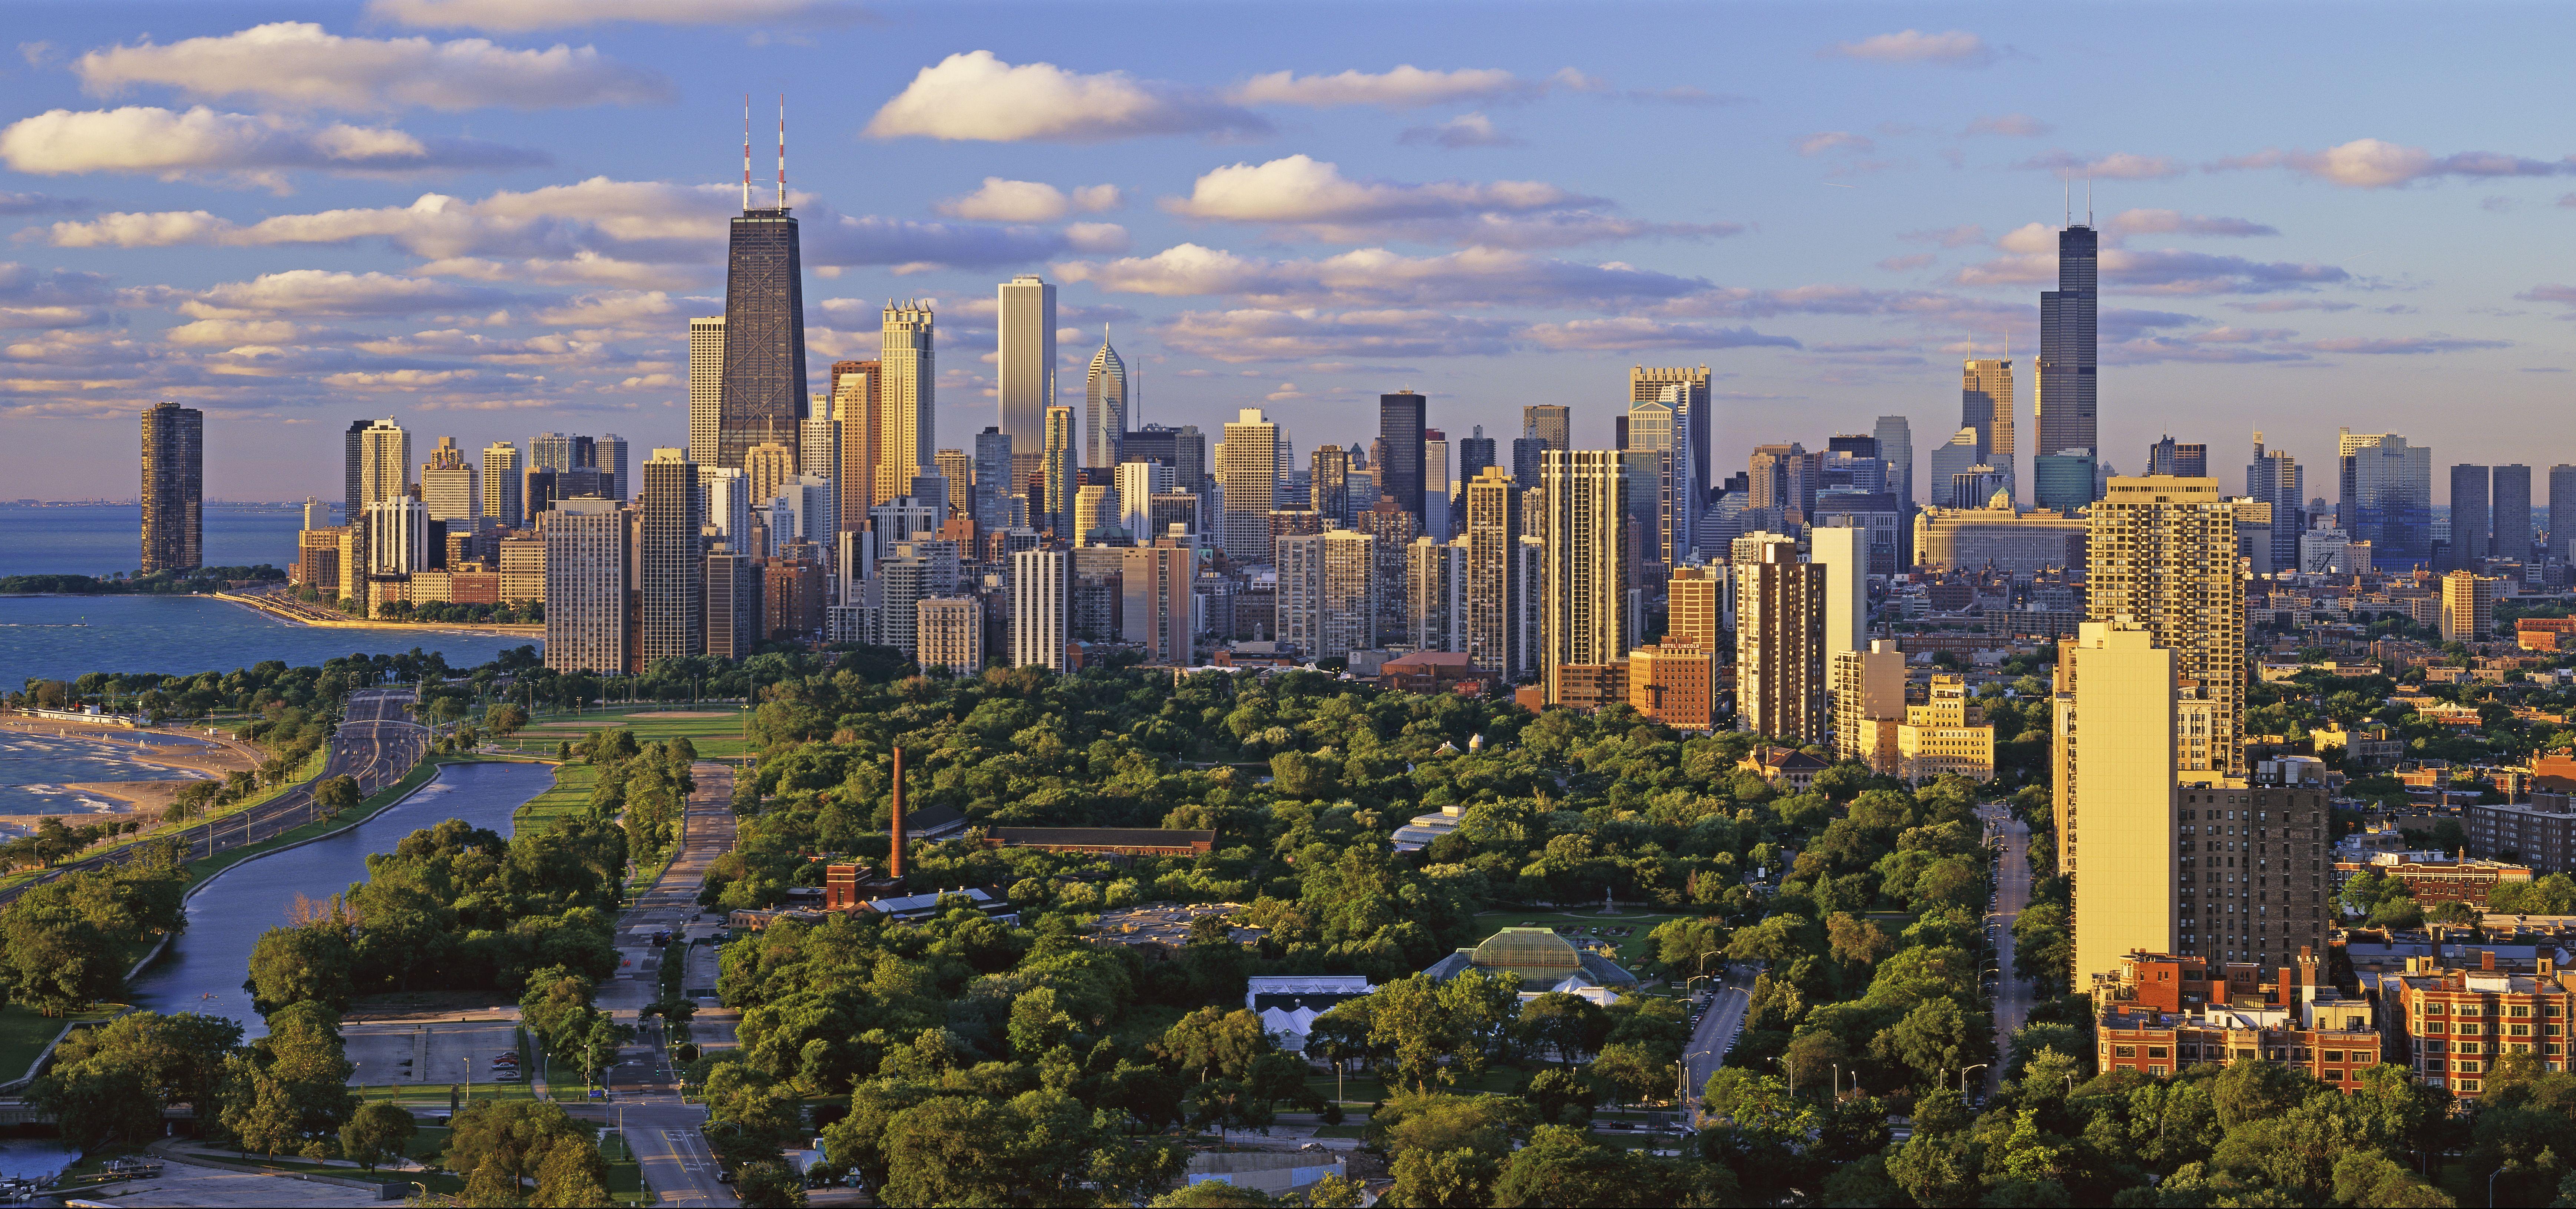 Chicago General Obligation Bonds